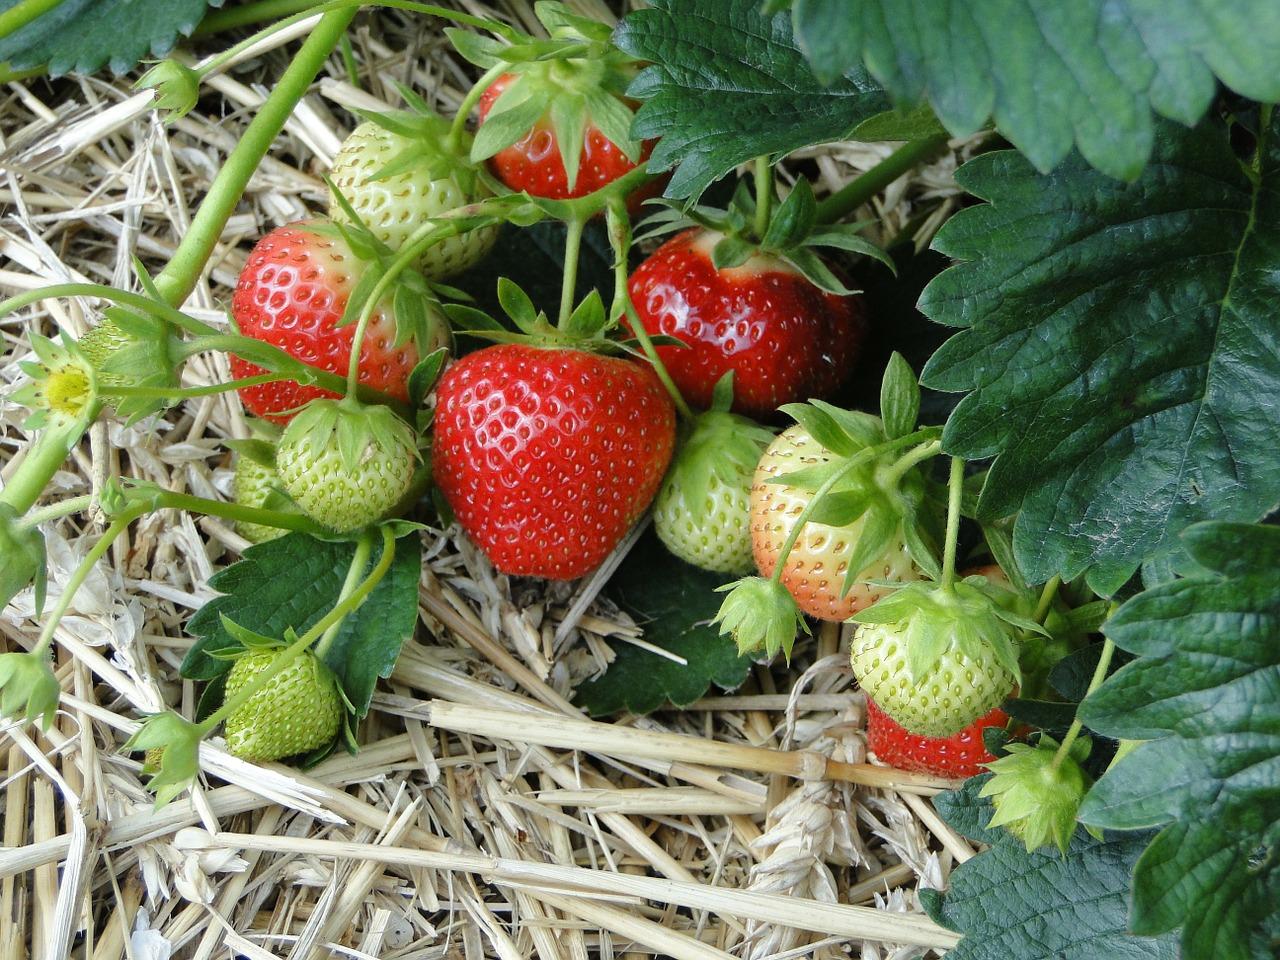 גידול ירקות רב שנתי - תות שדה